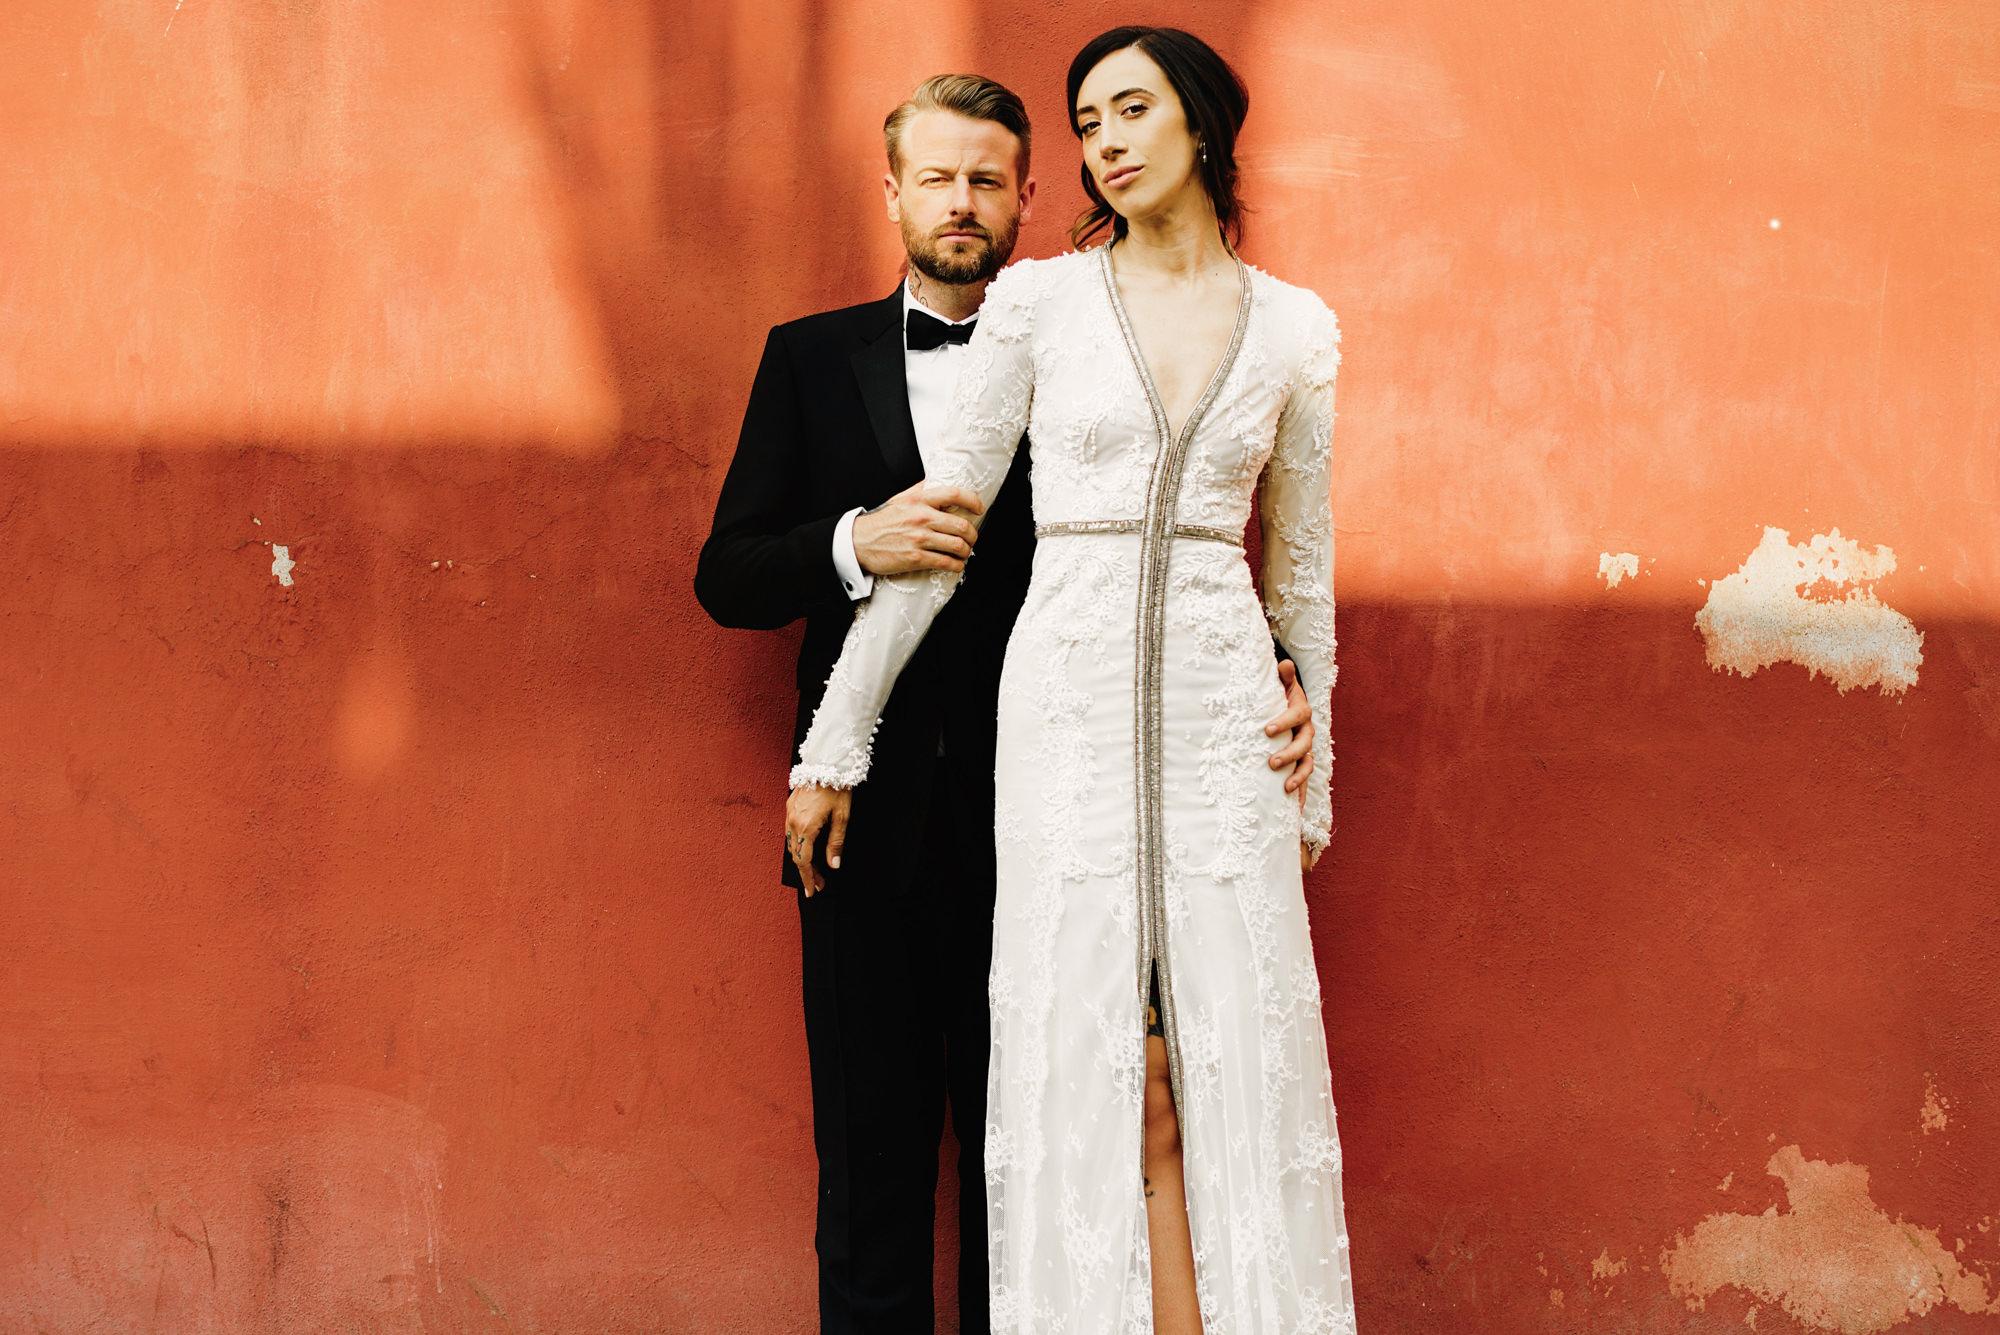 Fashionable couple portrait by Fer Juaristi